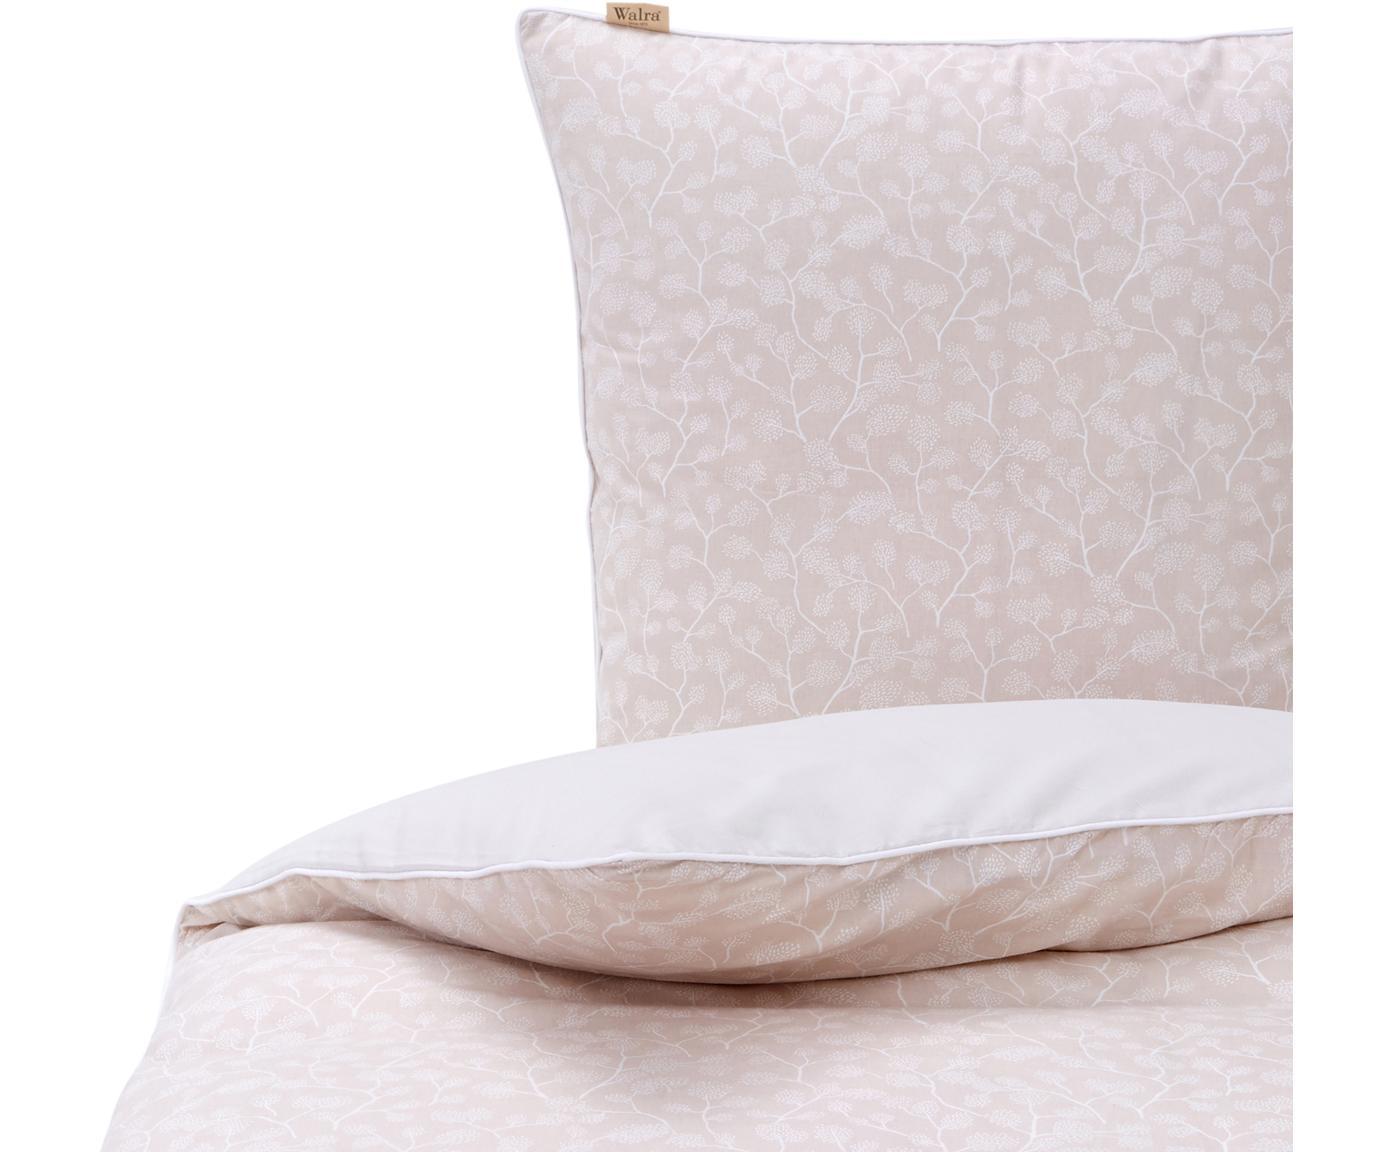 Flanell-Bettwäsche White Forest mit floralem Print, Webart: Flanell Flanell ist ein s, Hellbeige, Creme, 135 x 200 cm + 1 Kissen 80 x 80 cm